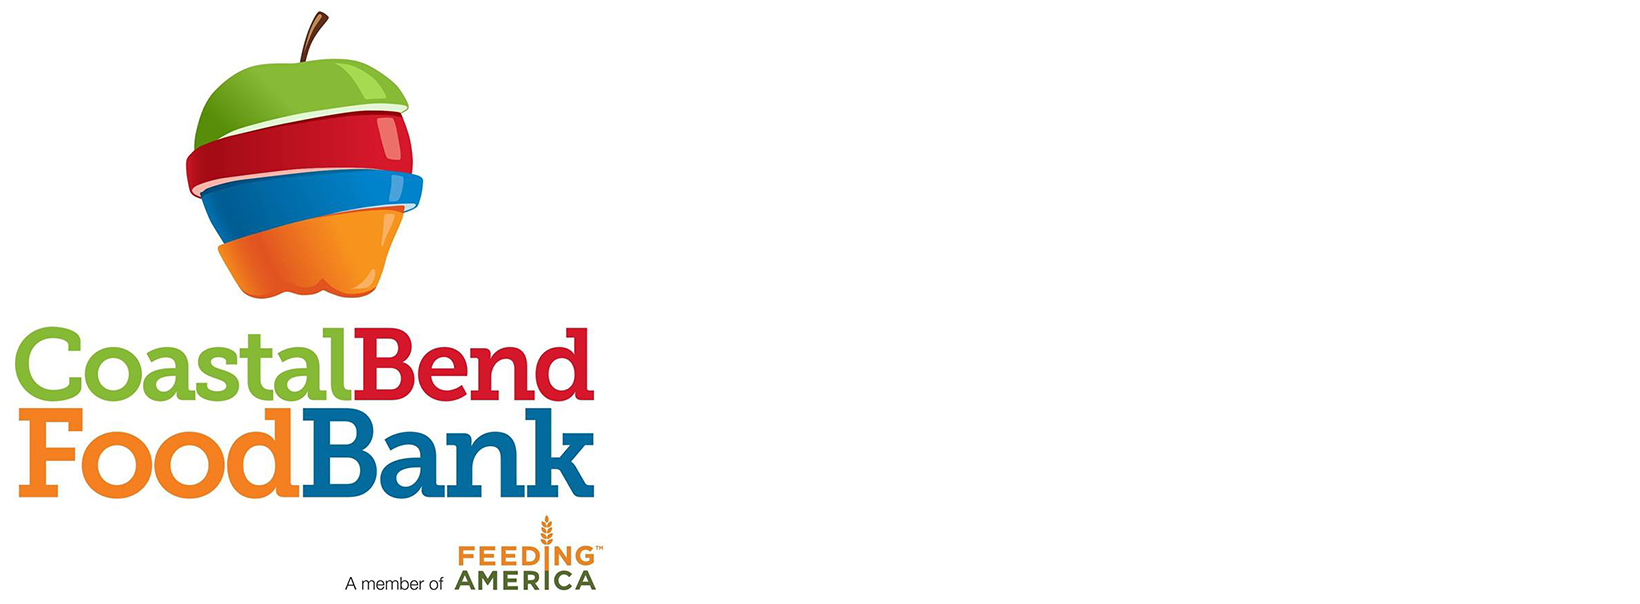 Coastal Bend Food Bank